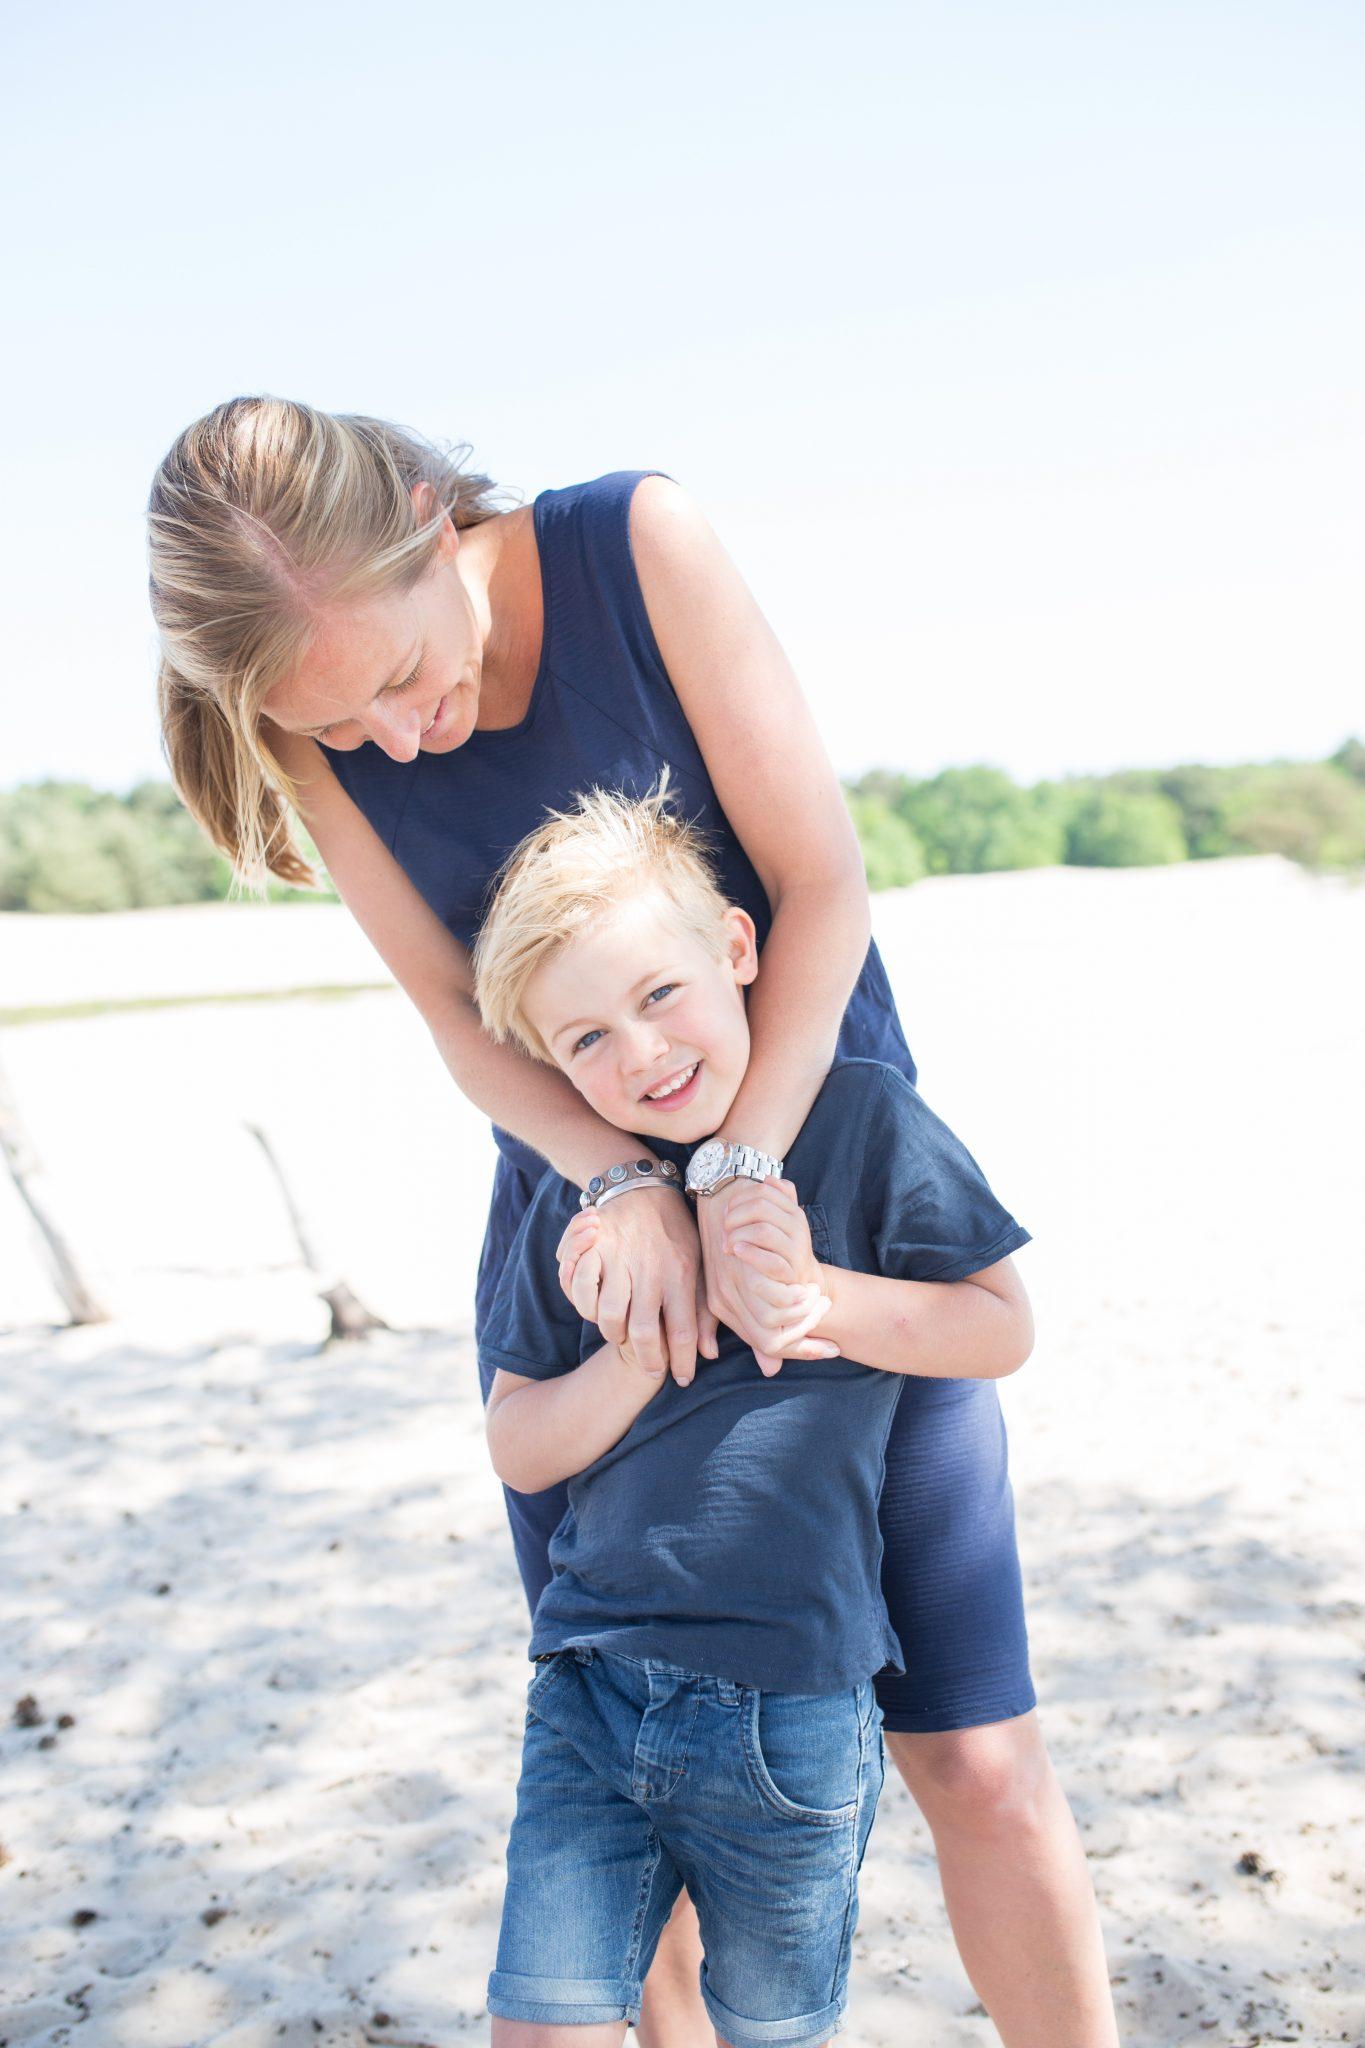 gezinsfotografie op locatie soesterduinen familie kindportret laura elkhuizen fotografie